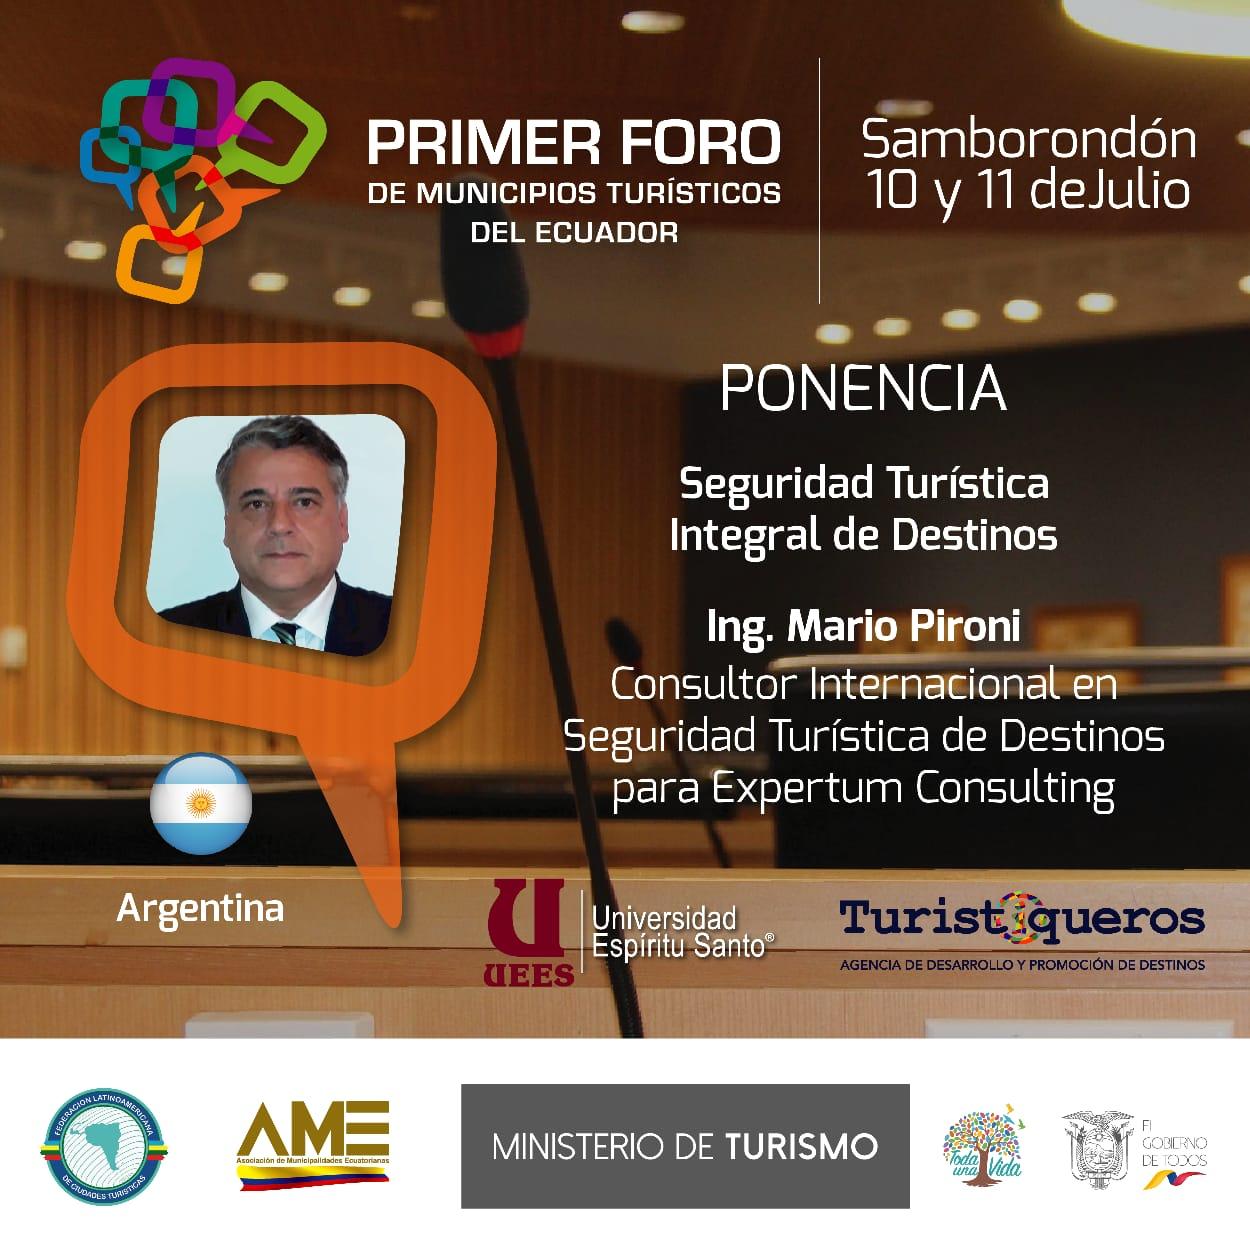 banner primer foro de municipios turísticos de Ecuador